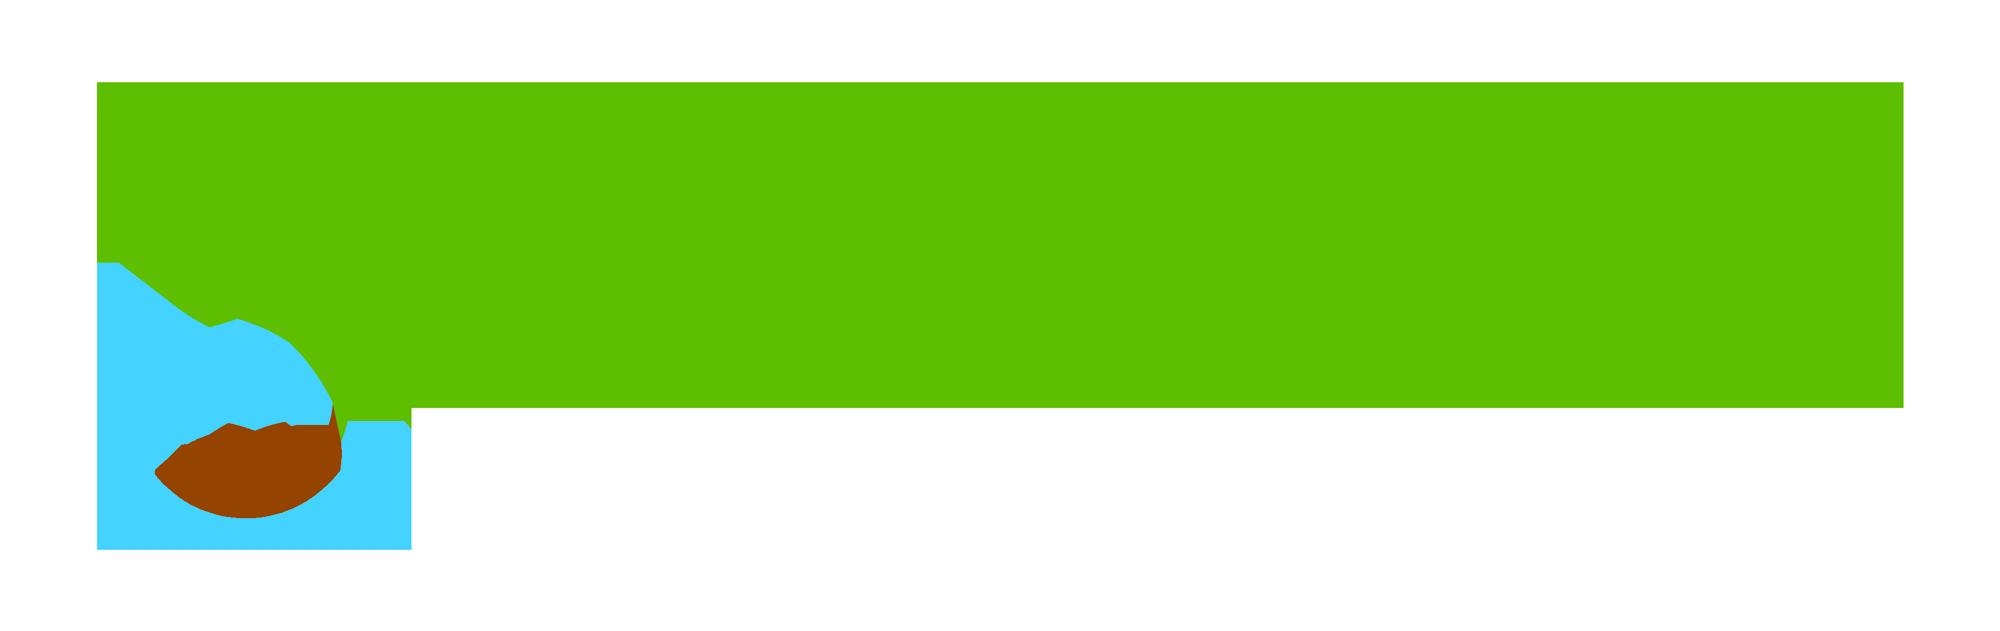 Siembra  & Crea